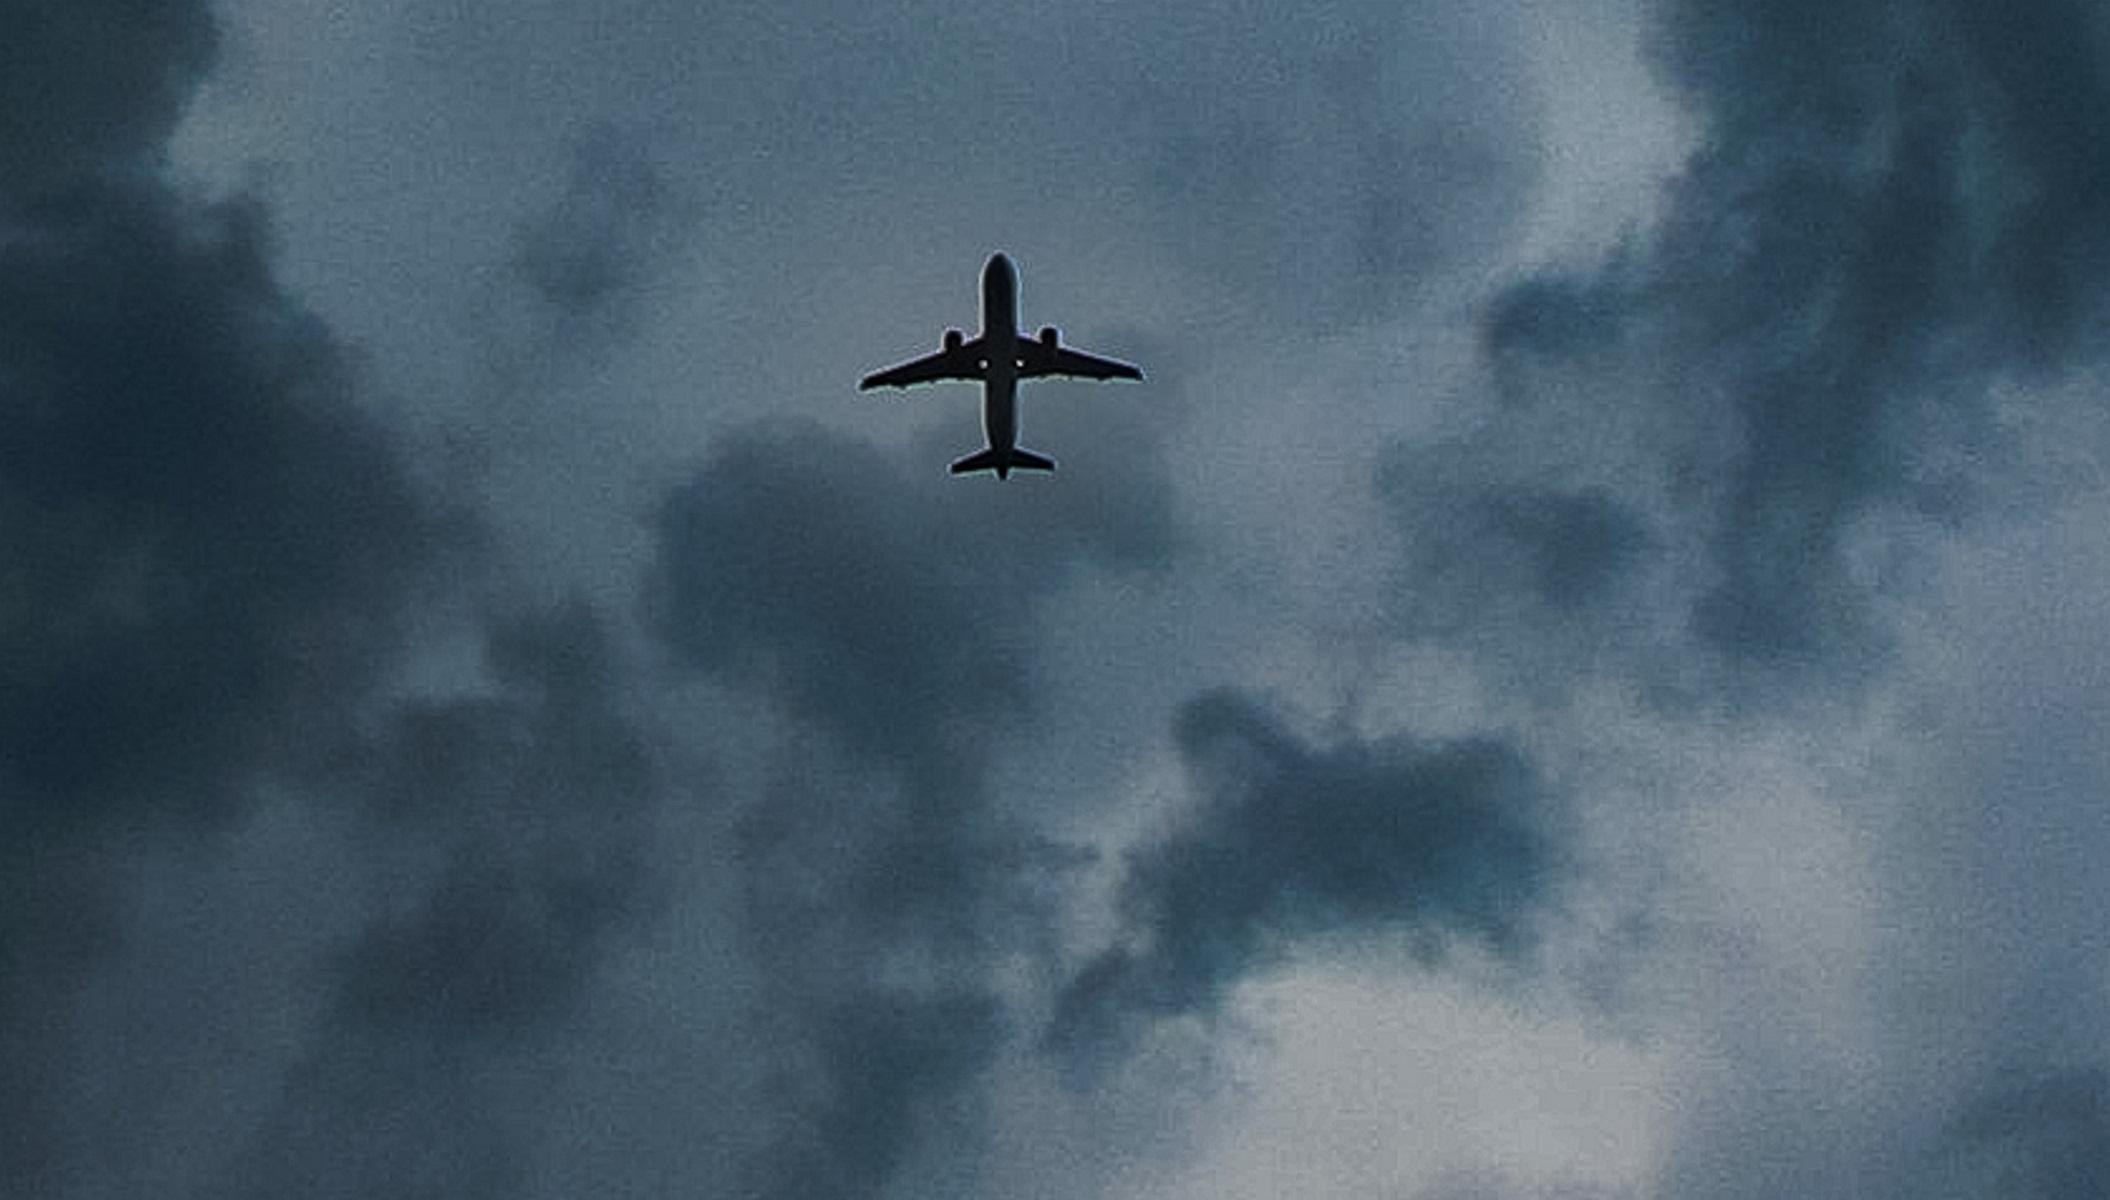 Απίστευτο! Έπιασαν στη Μύκονο τον αεροπειρατή που έψαχναν από το 1985!